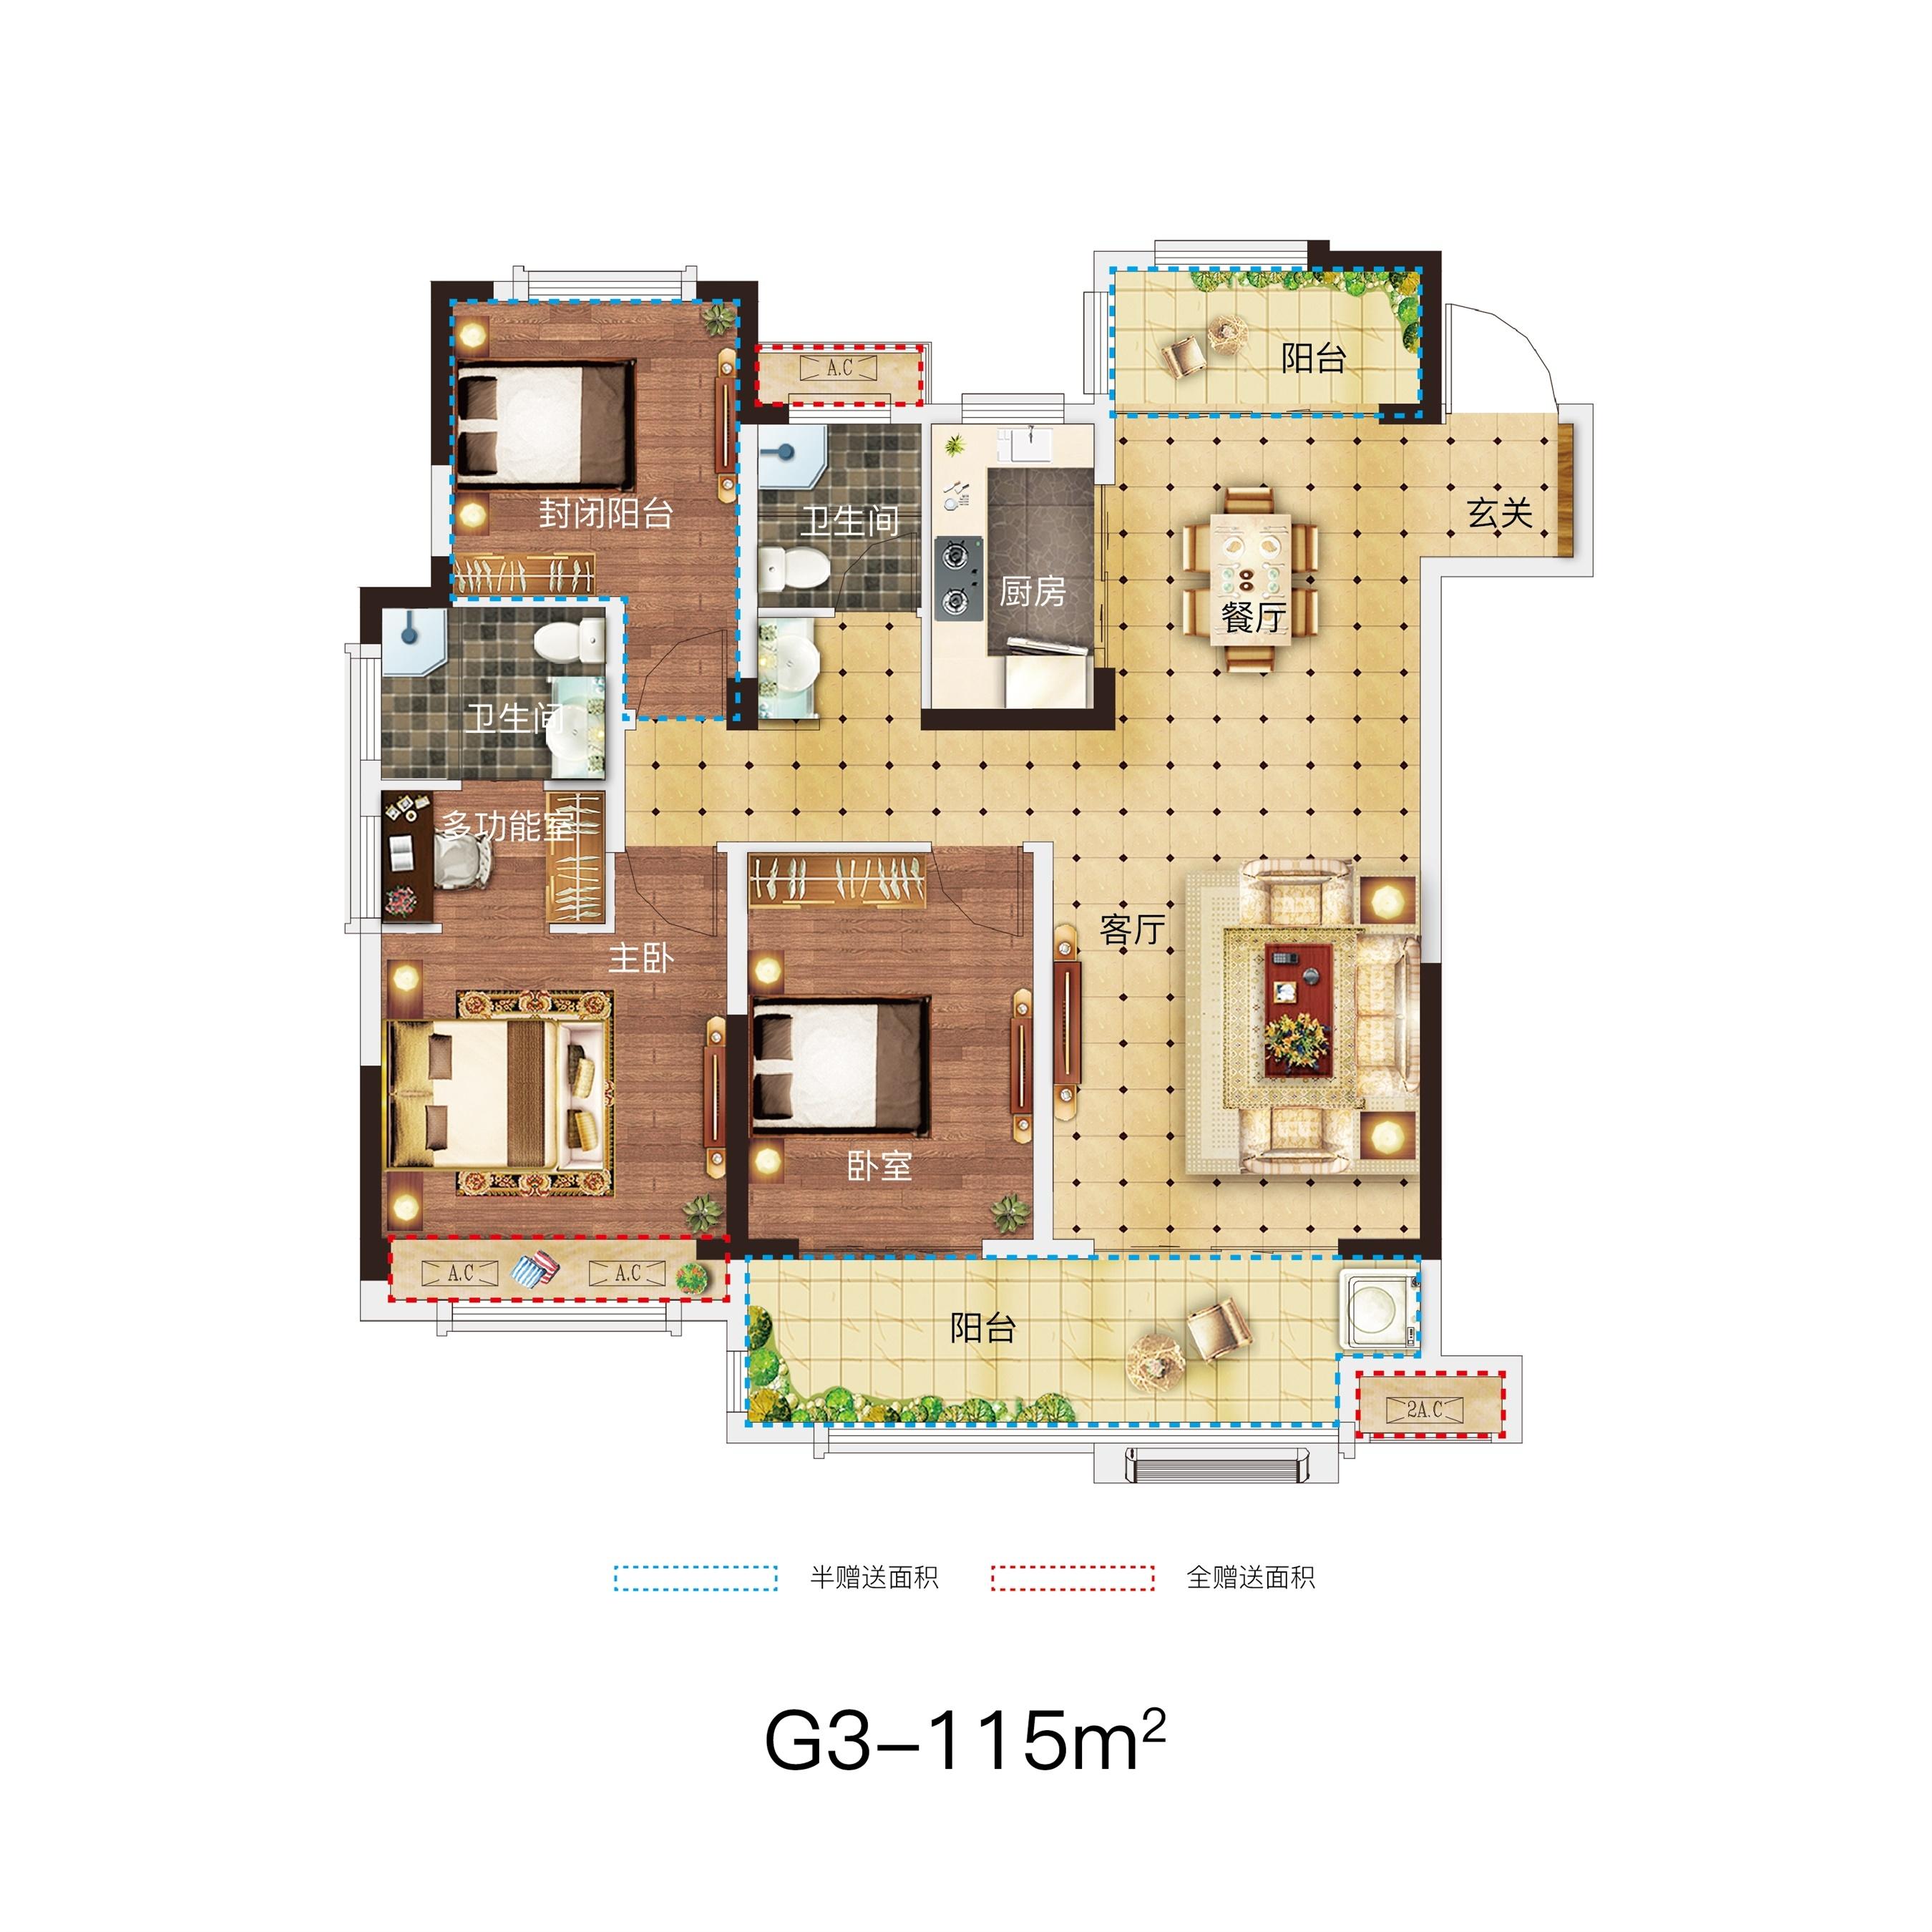 北京城房时代庄园高层115㎡三室两厅两卫户型图